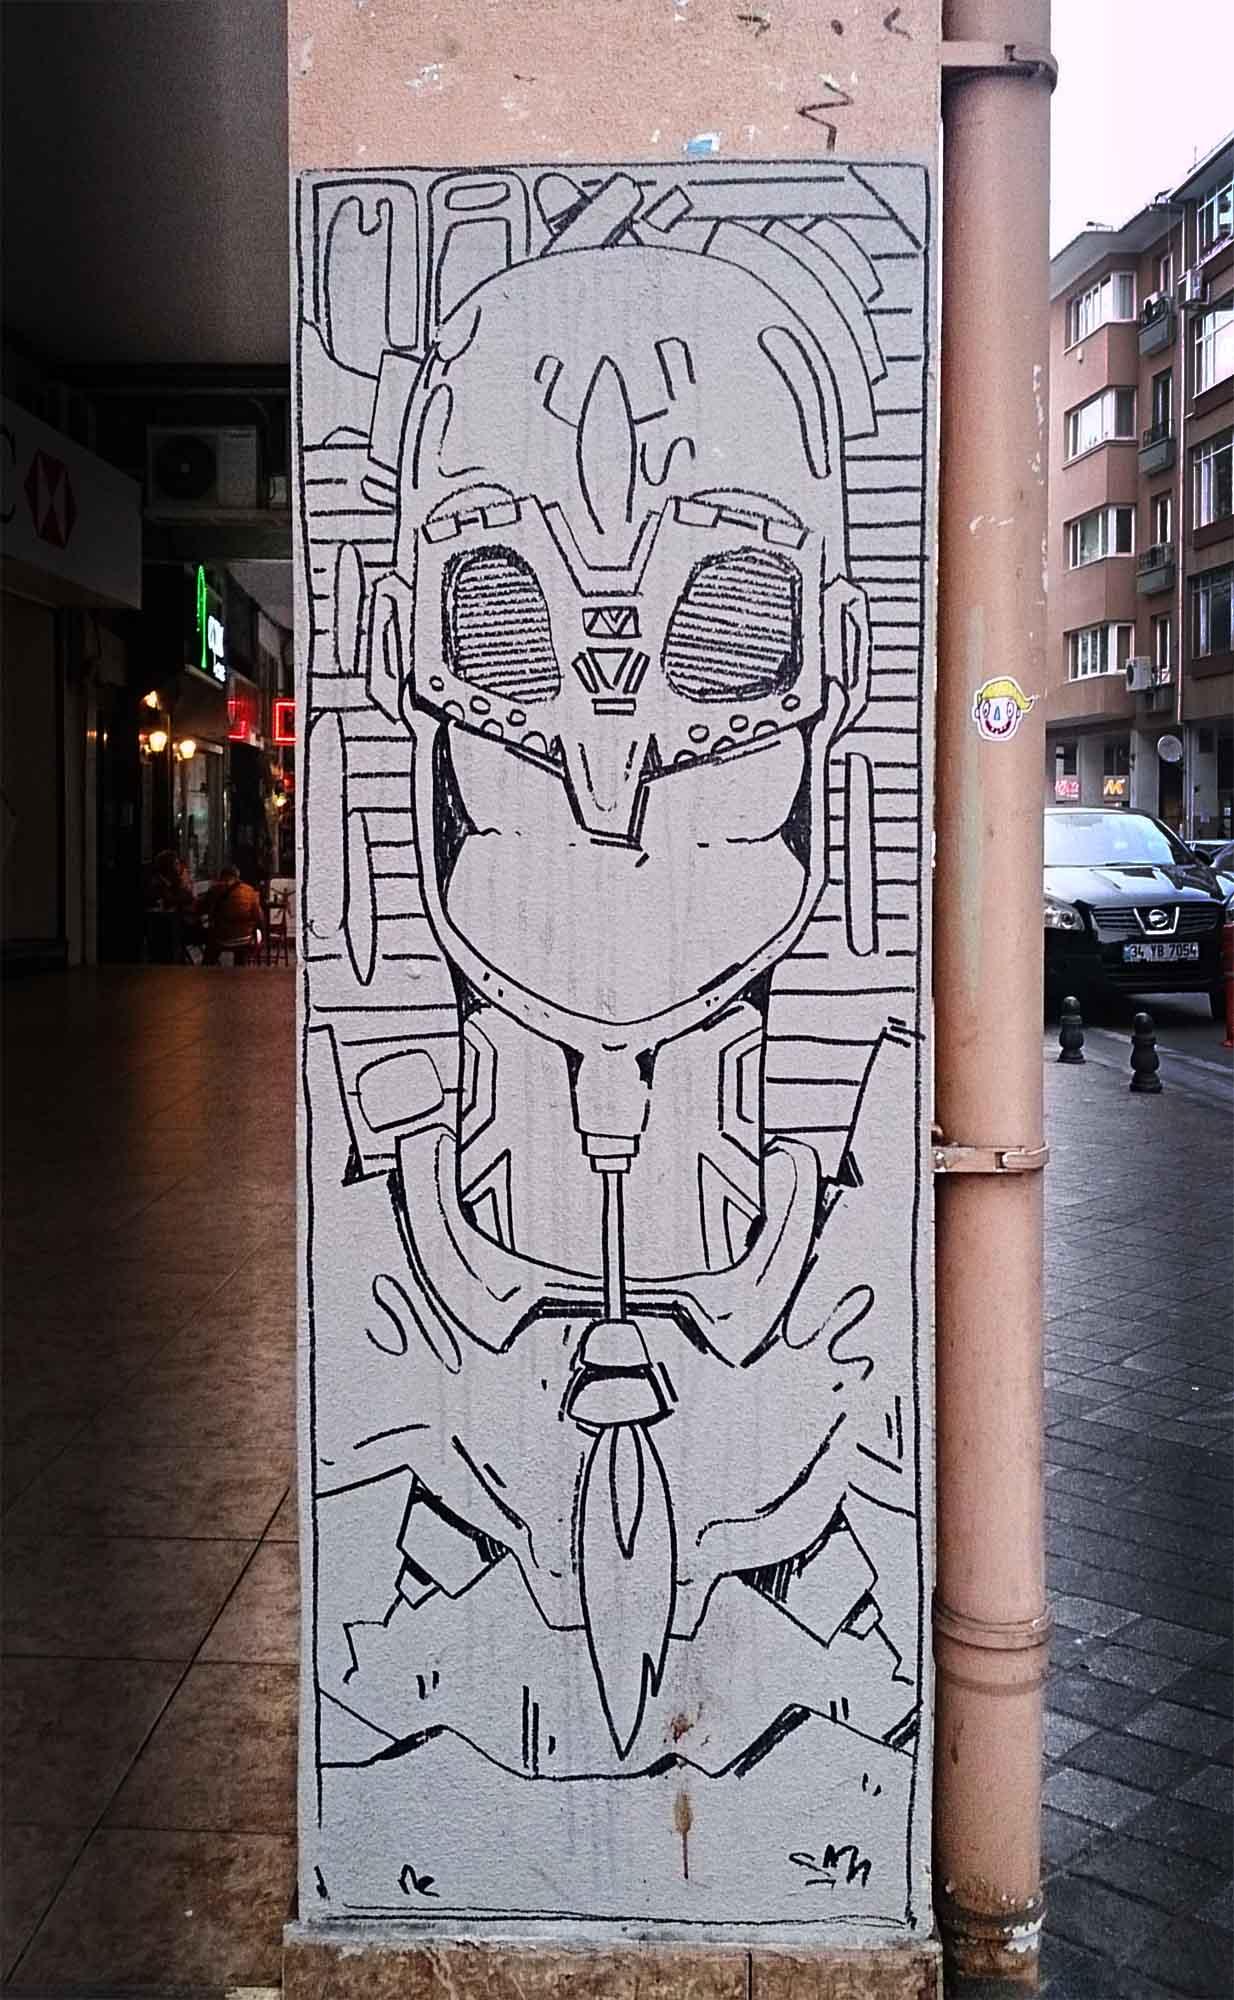 3d print mural